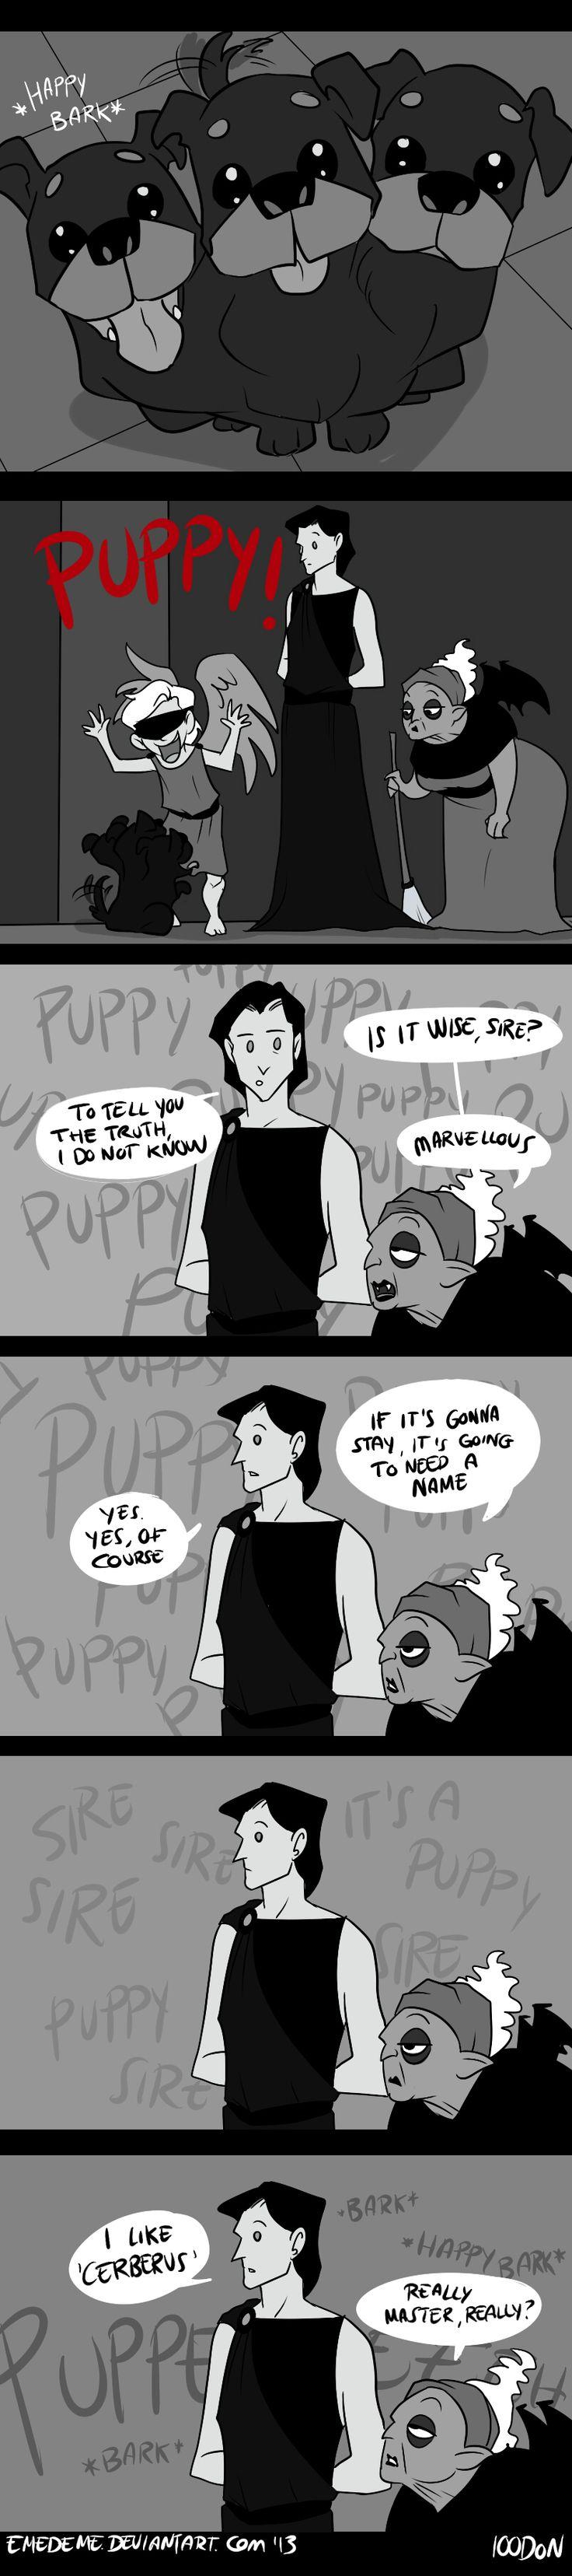 100DoN - Puppy. by emedeme on DeviantArt